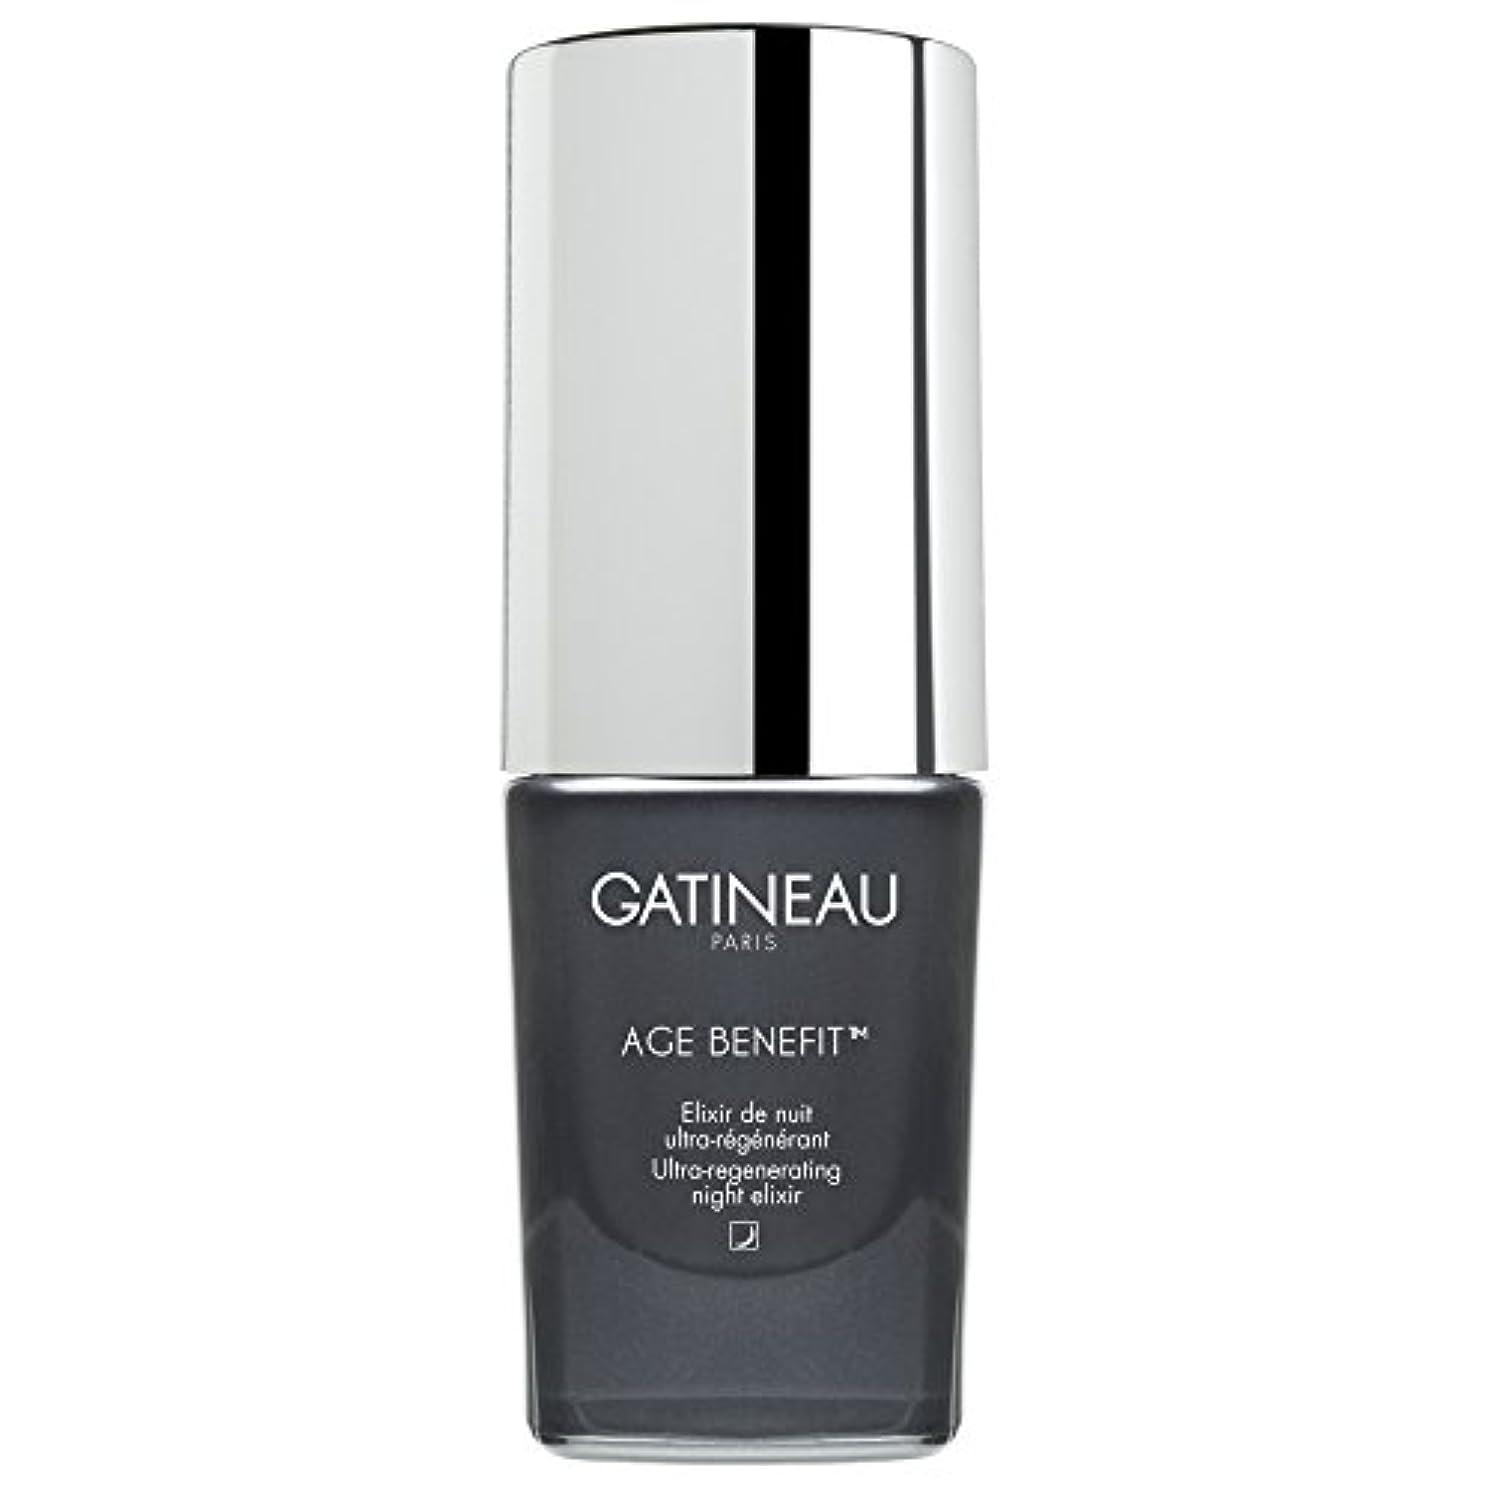 ガティノー年齢給付超再生夜のエリクシルの15ミリリットル (Gatineau) (x2) - Gatineau Age Benefit Ultra-Regenerating Night Elixir 15ml (Pack...